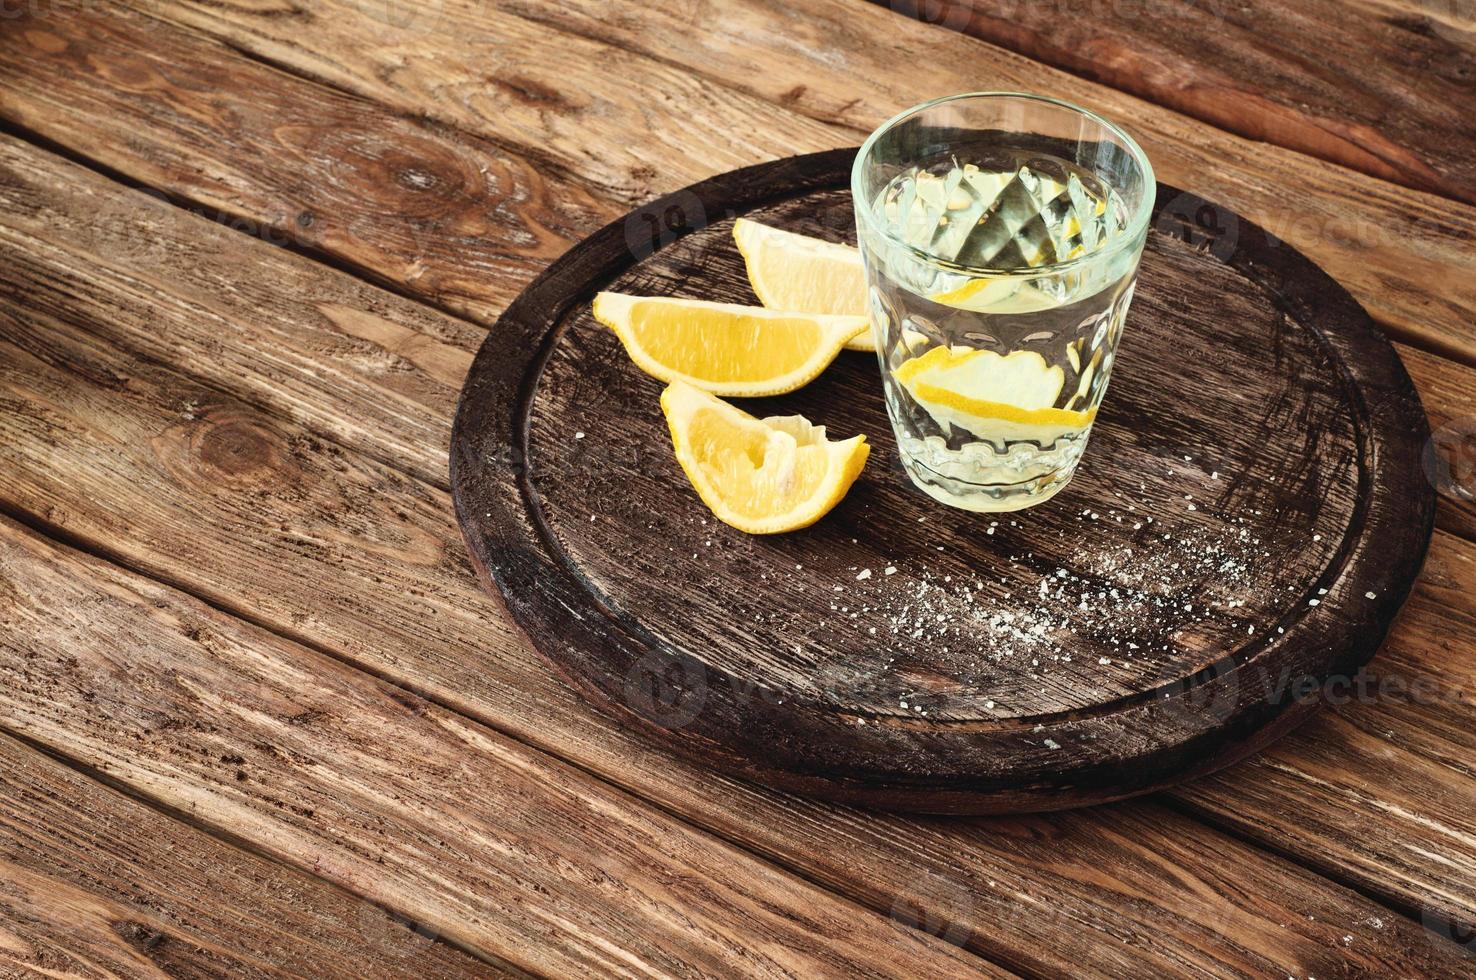 verre de tequila avec des tranches de citron sur un fond en bois photo